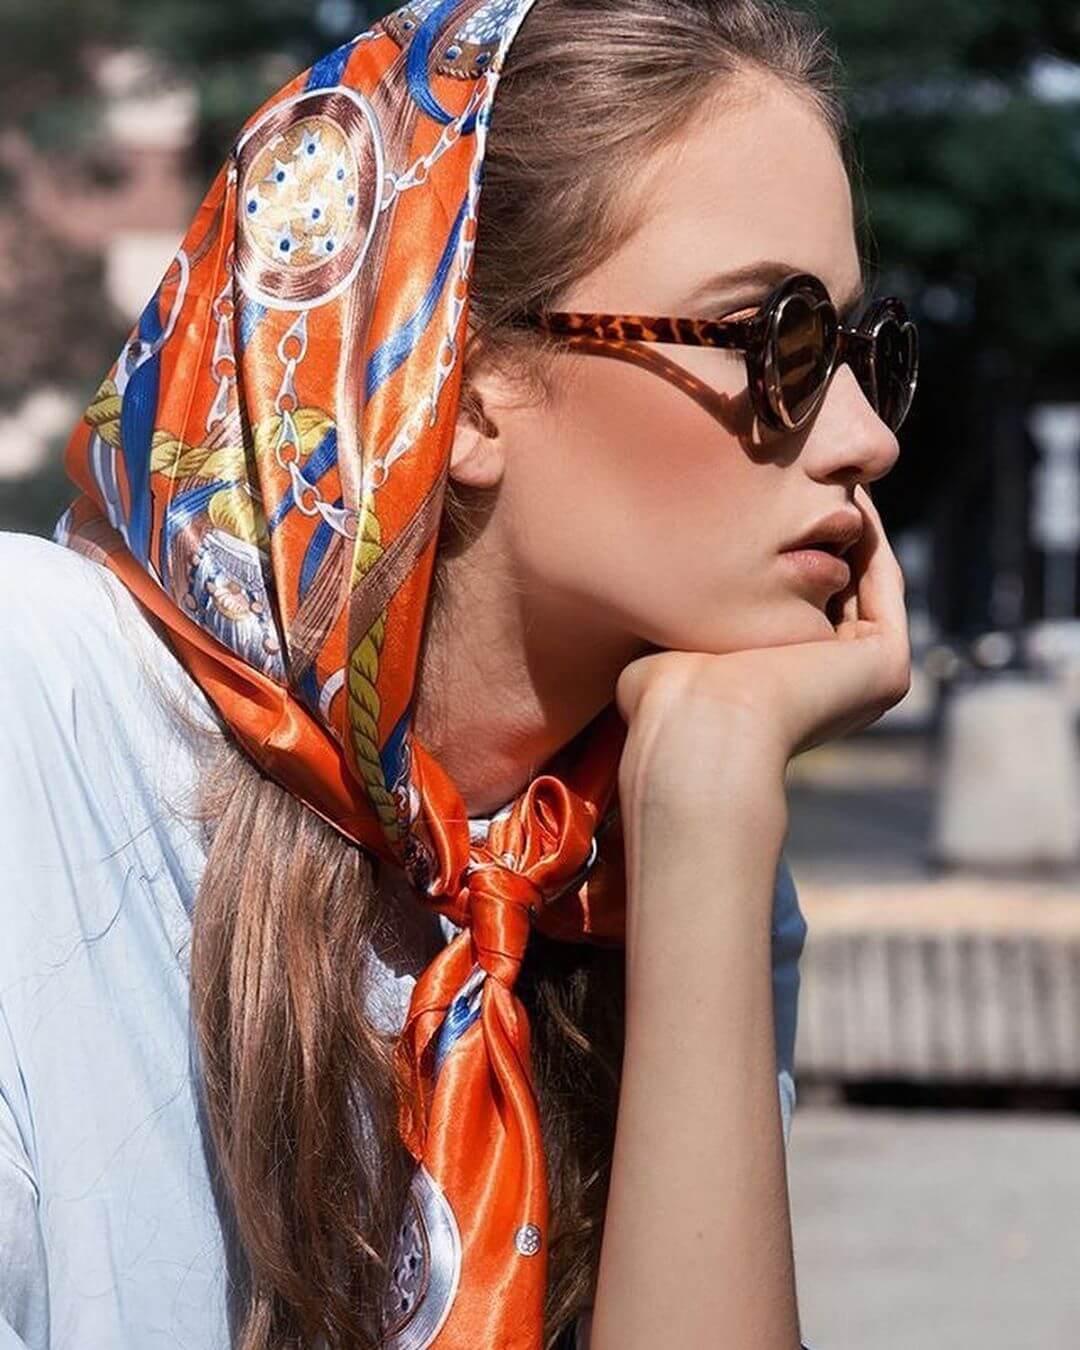 foulard sui capelli con nodo davanti